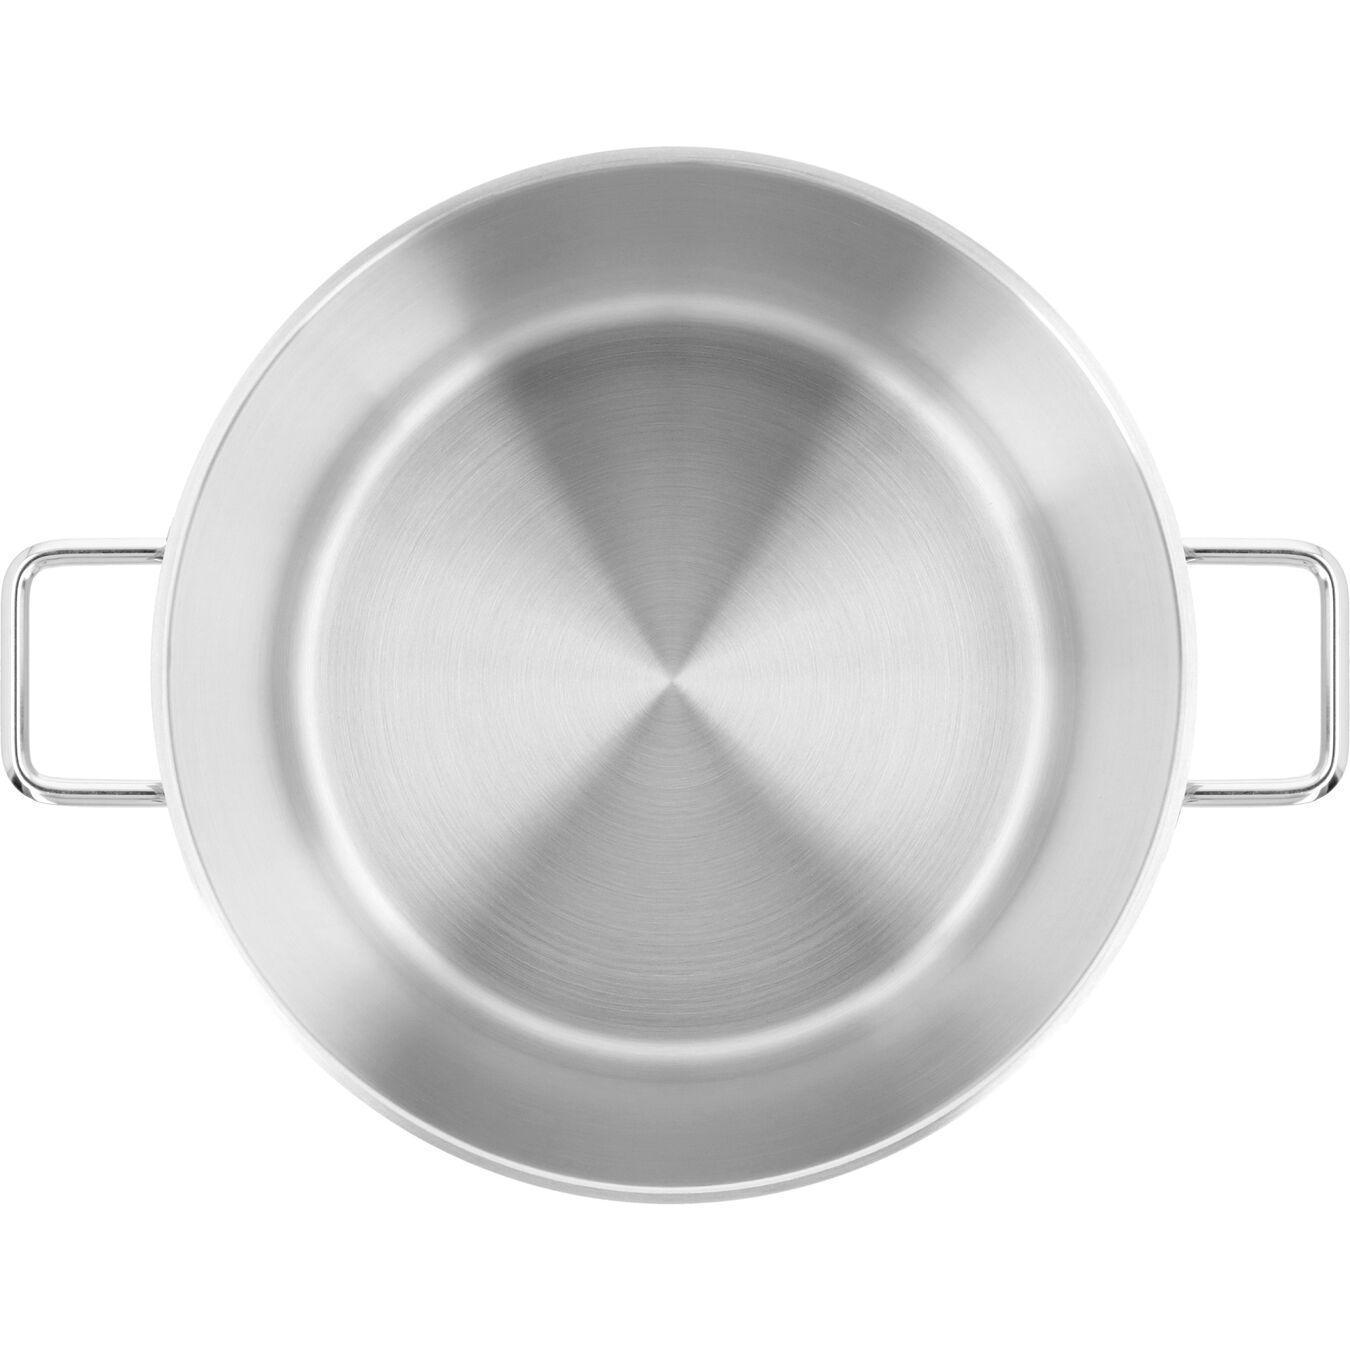 Pentola con coperchio - 36 cm, 18/10 Acciaio inossidabile,,large 2